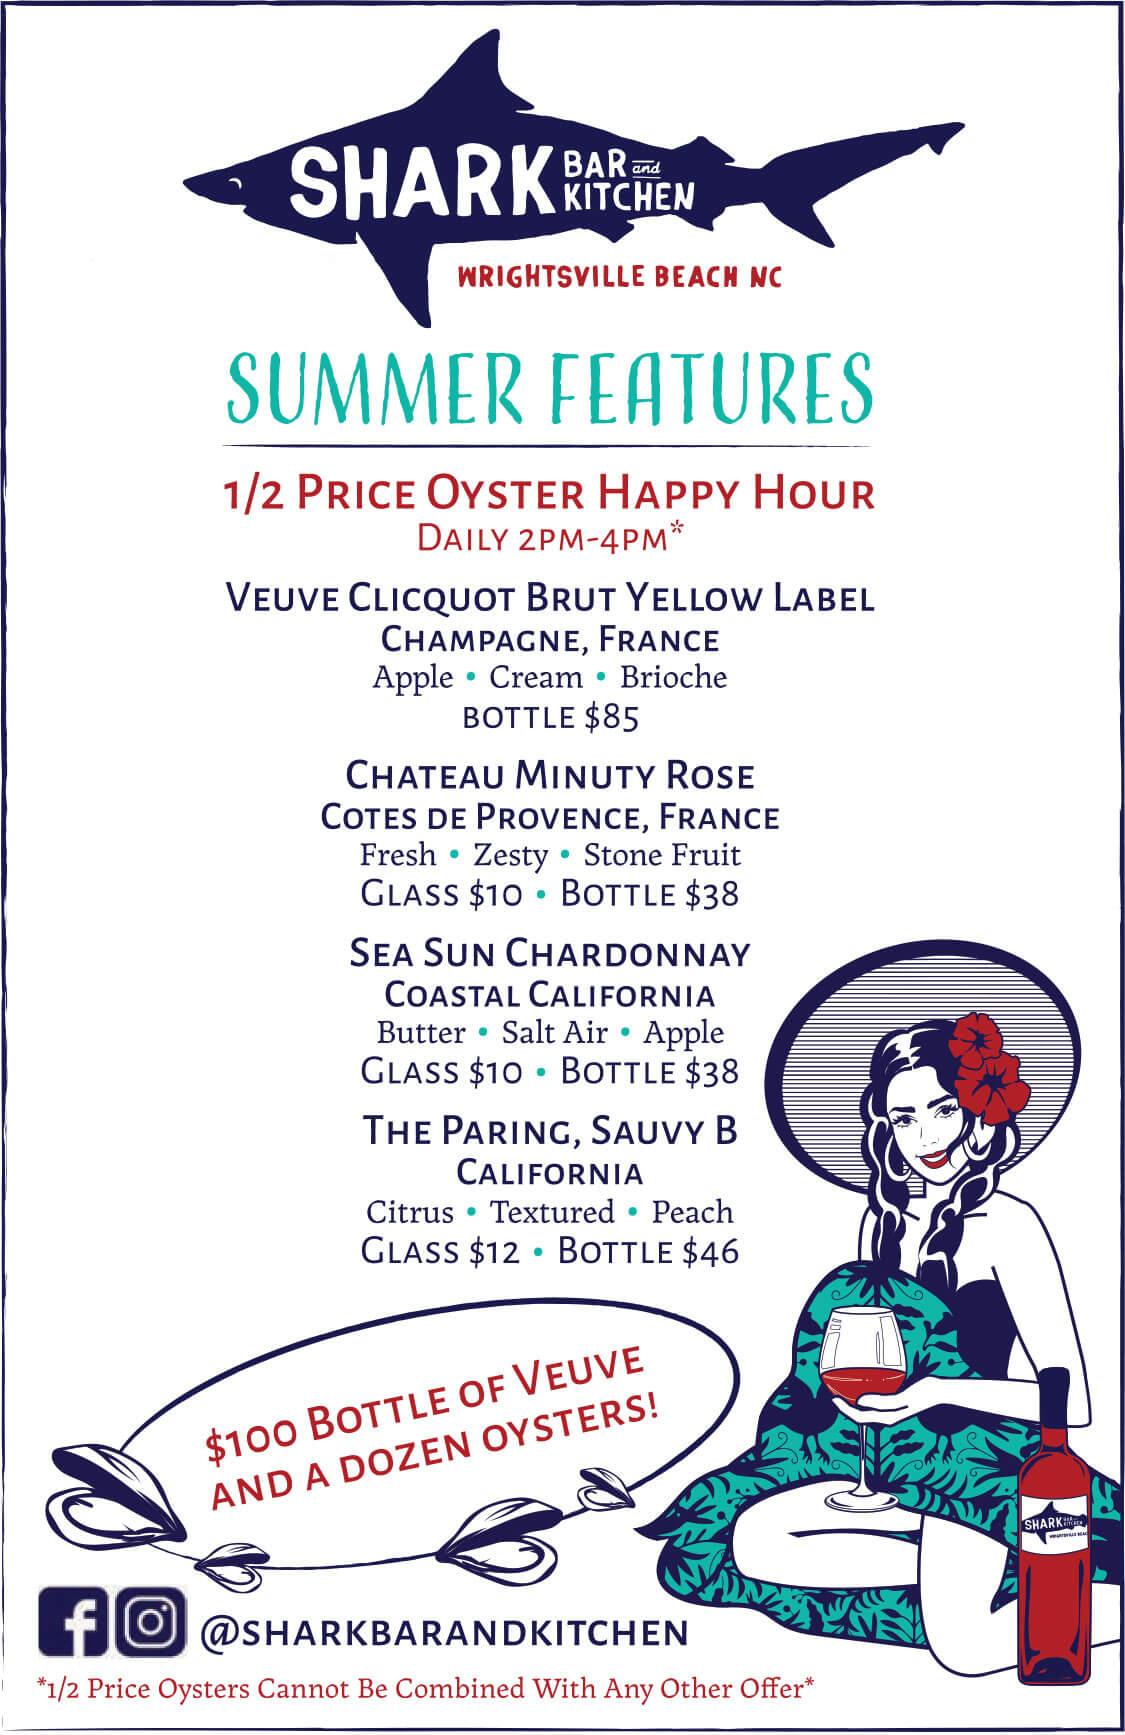 Shark Bar Summer Features